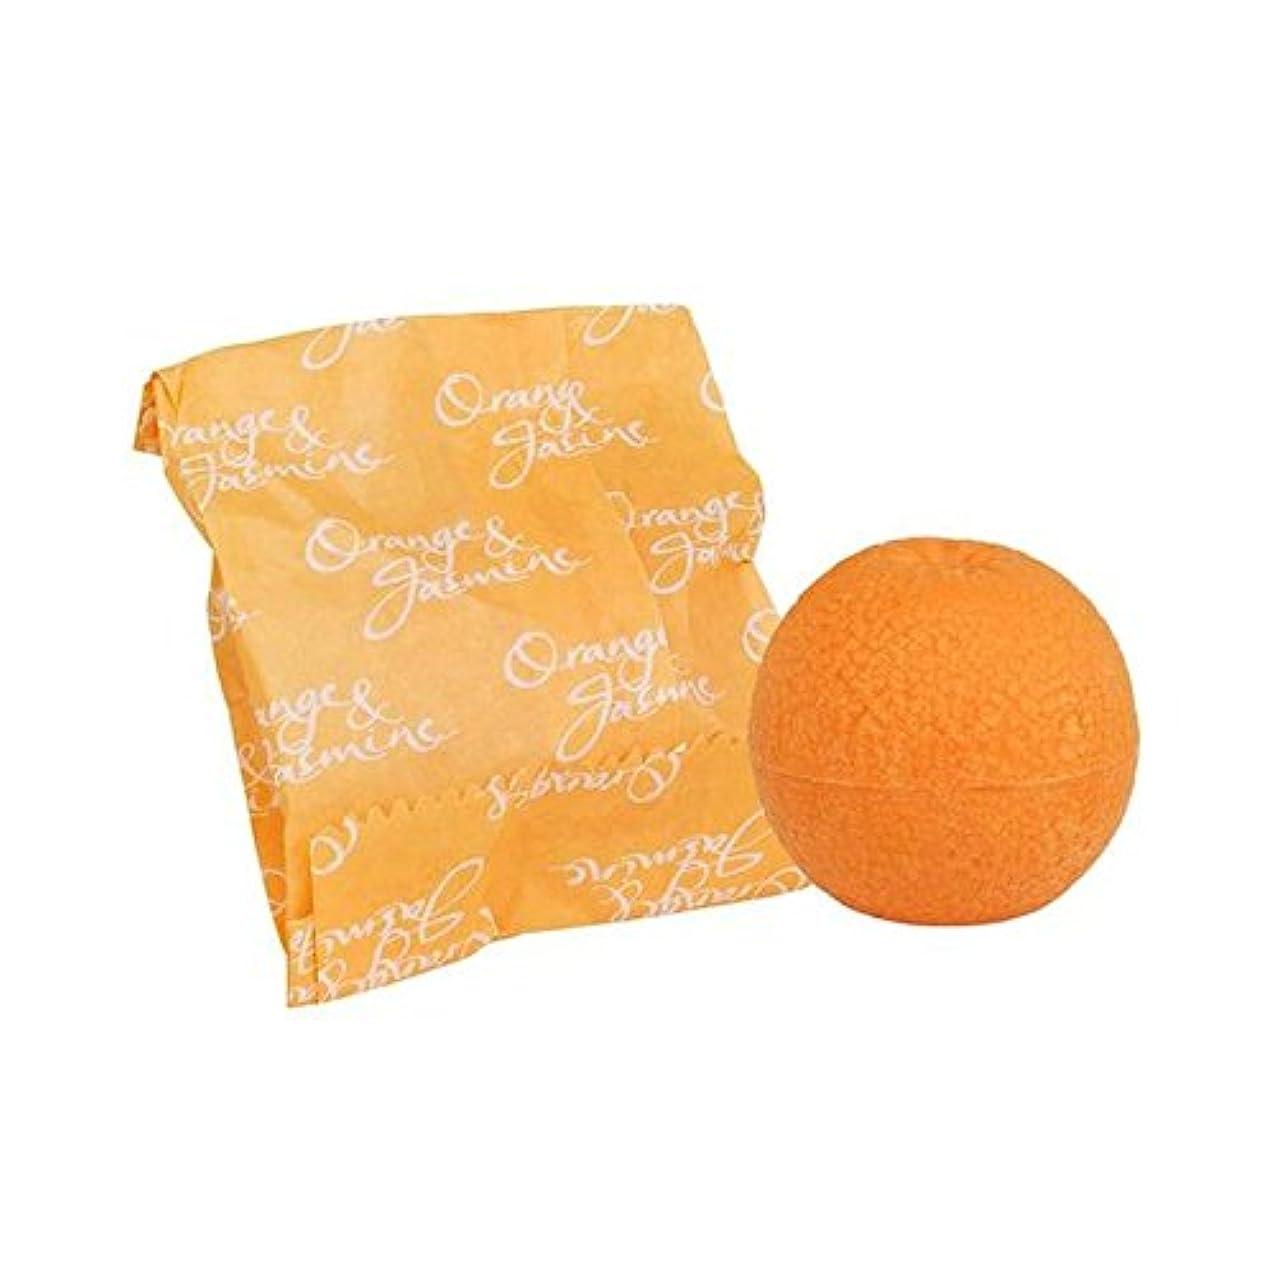 絶壁アーク検出オレンジ&ジャスミン石鹸100グラム x2 - Bronnley Orange & Jasmine Soap 100g (Pack of 2) [並行輸入品]